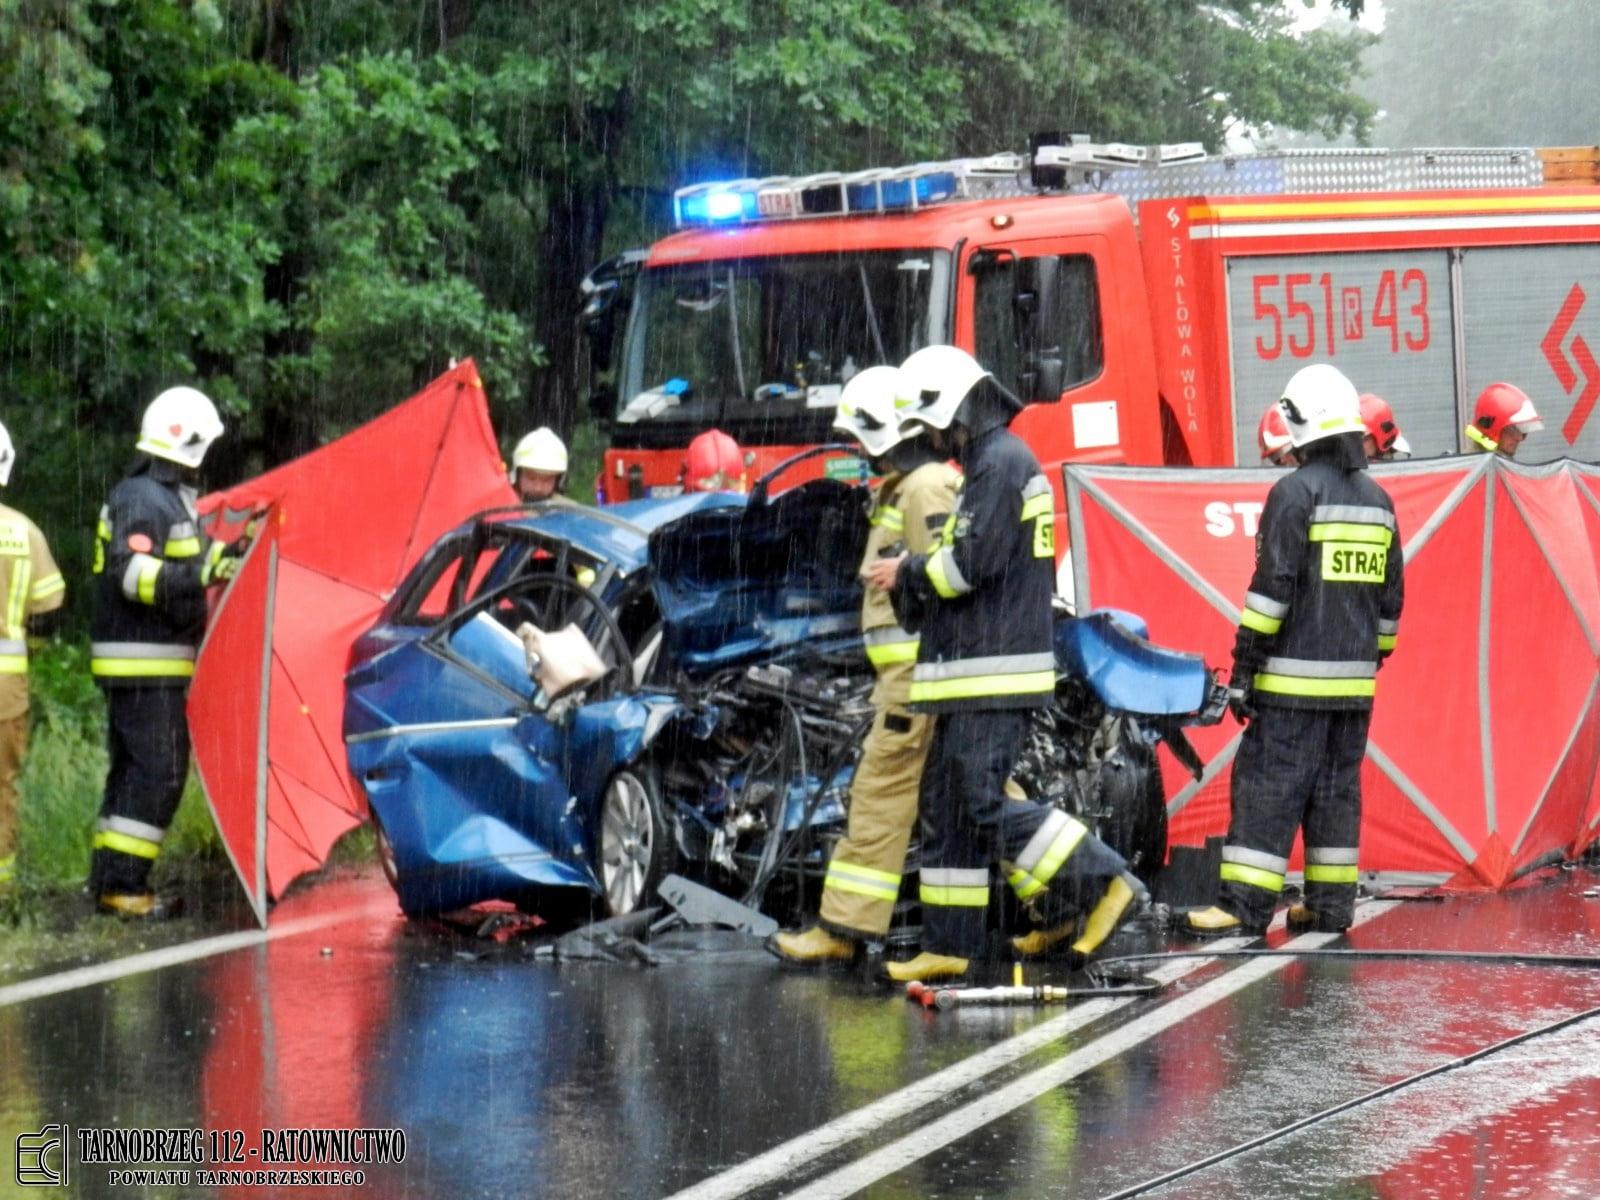 Podkarpacie: Tragedia na drodze. Nie żyje małżeństwo [ZDJĘCIA] - Zdjęcie główne